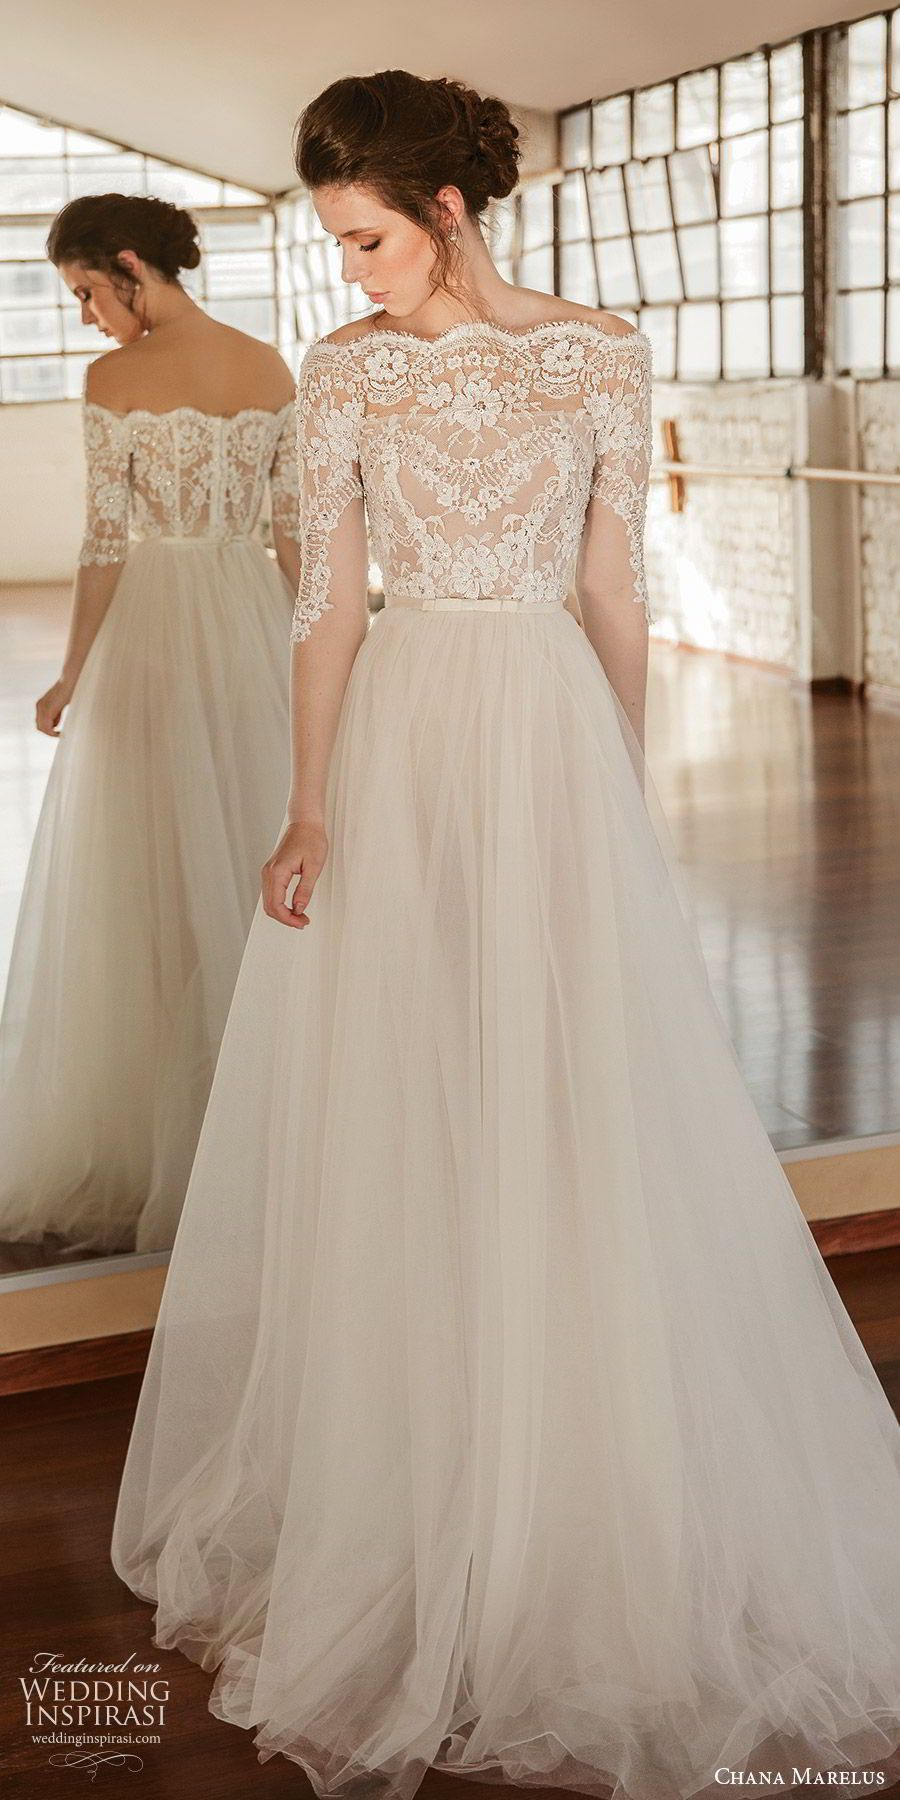 Chana Marelus Herbst / Winter 2019 Brautkleider | Hochzeit Inspirasi